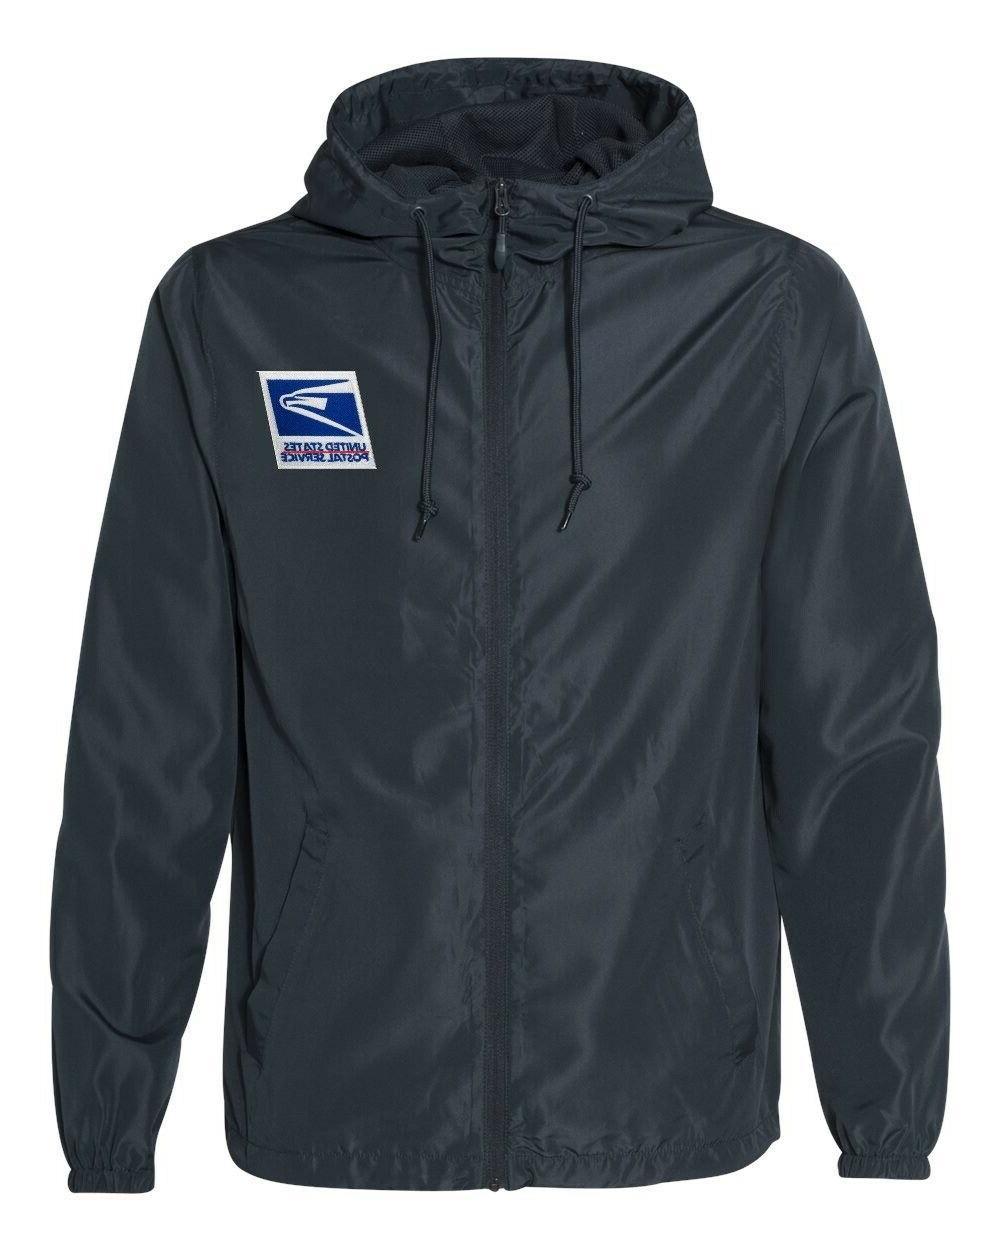 usps postal service windbreaker rain jacket